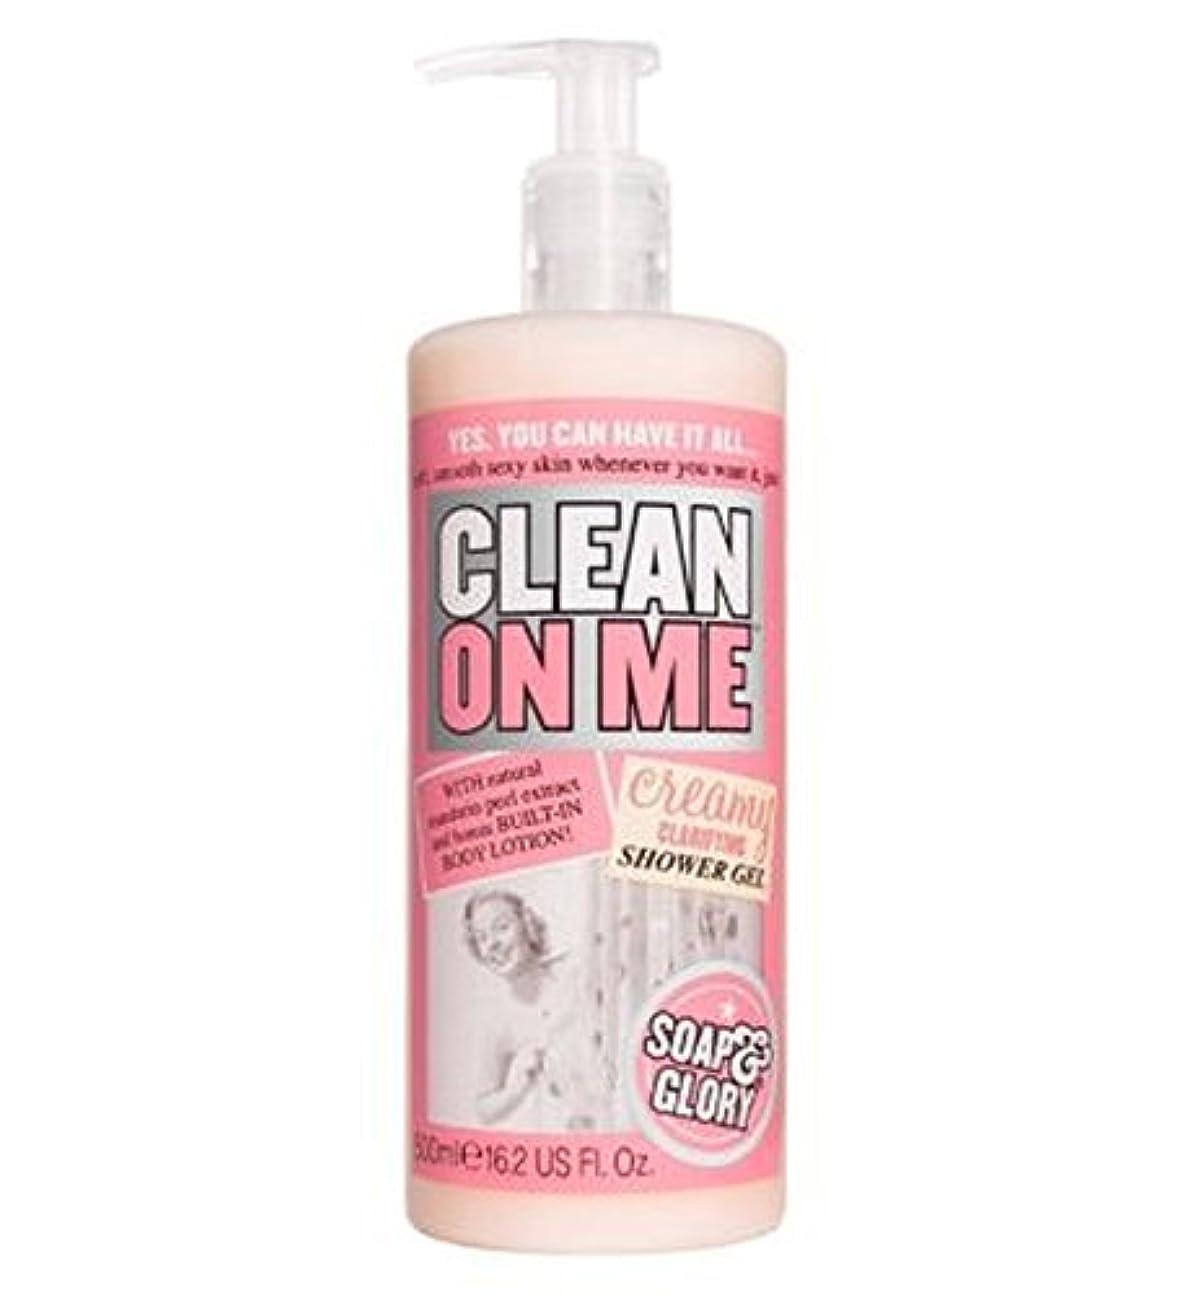 囲まれた検出可能洞察力のあるSoap & Glory Clean On Me Creamy Clarifying Shower Gel 500ml - 私にきれいな石鹸&栄光はシャワージェル500ミリリットルを明確にクリーミー (Soap & Glory) [並行輸入品]